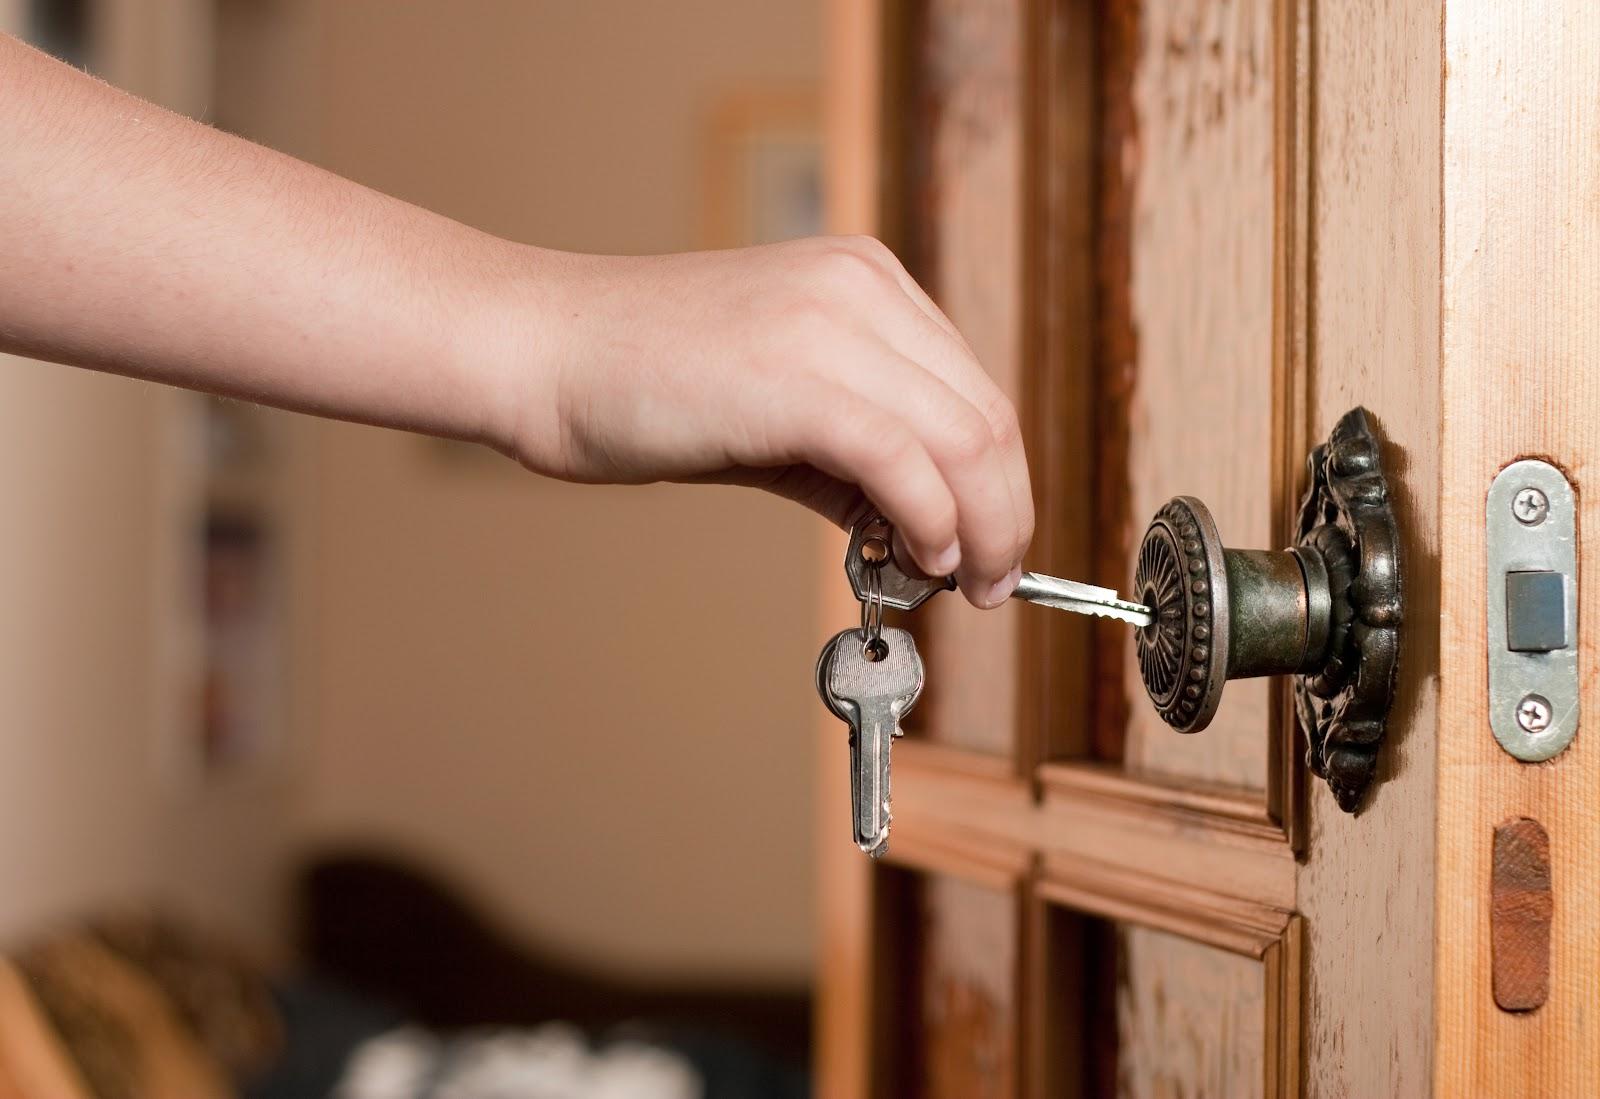 person unlocking a door